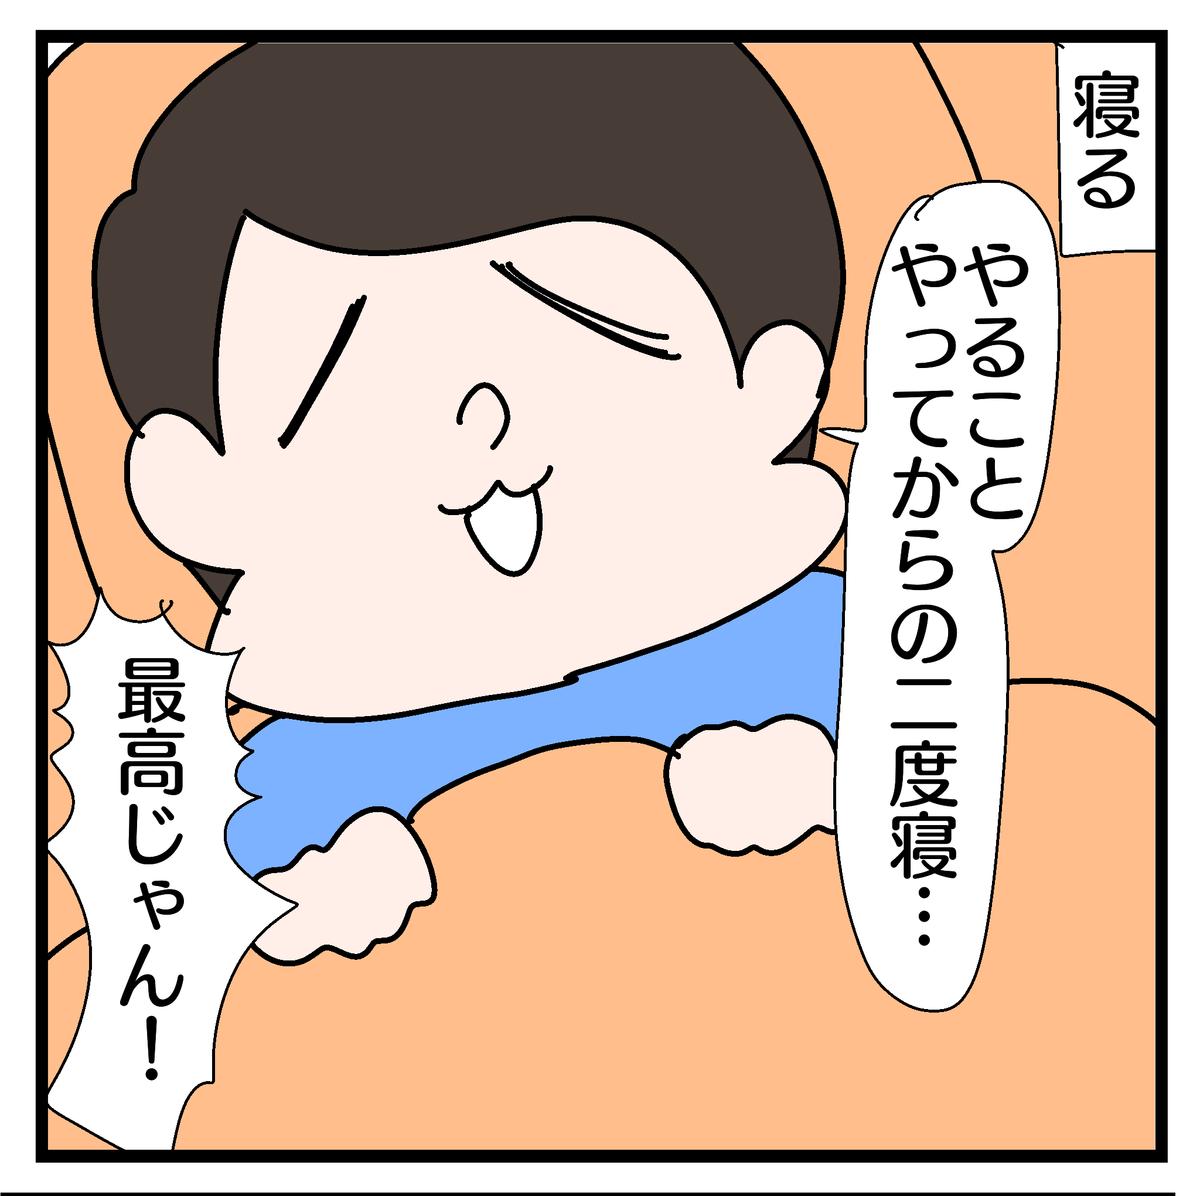 f:id:YuruFuwaTa:20200713150810p:plain